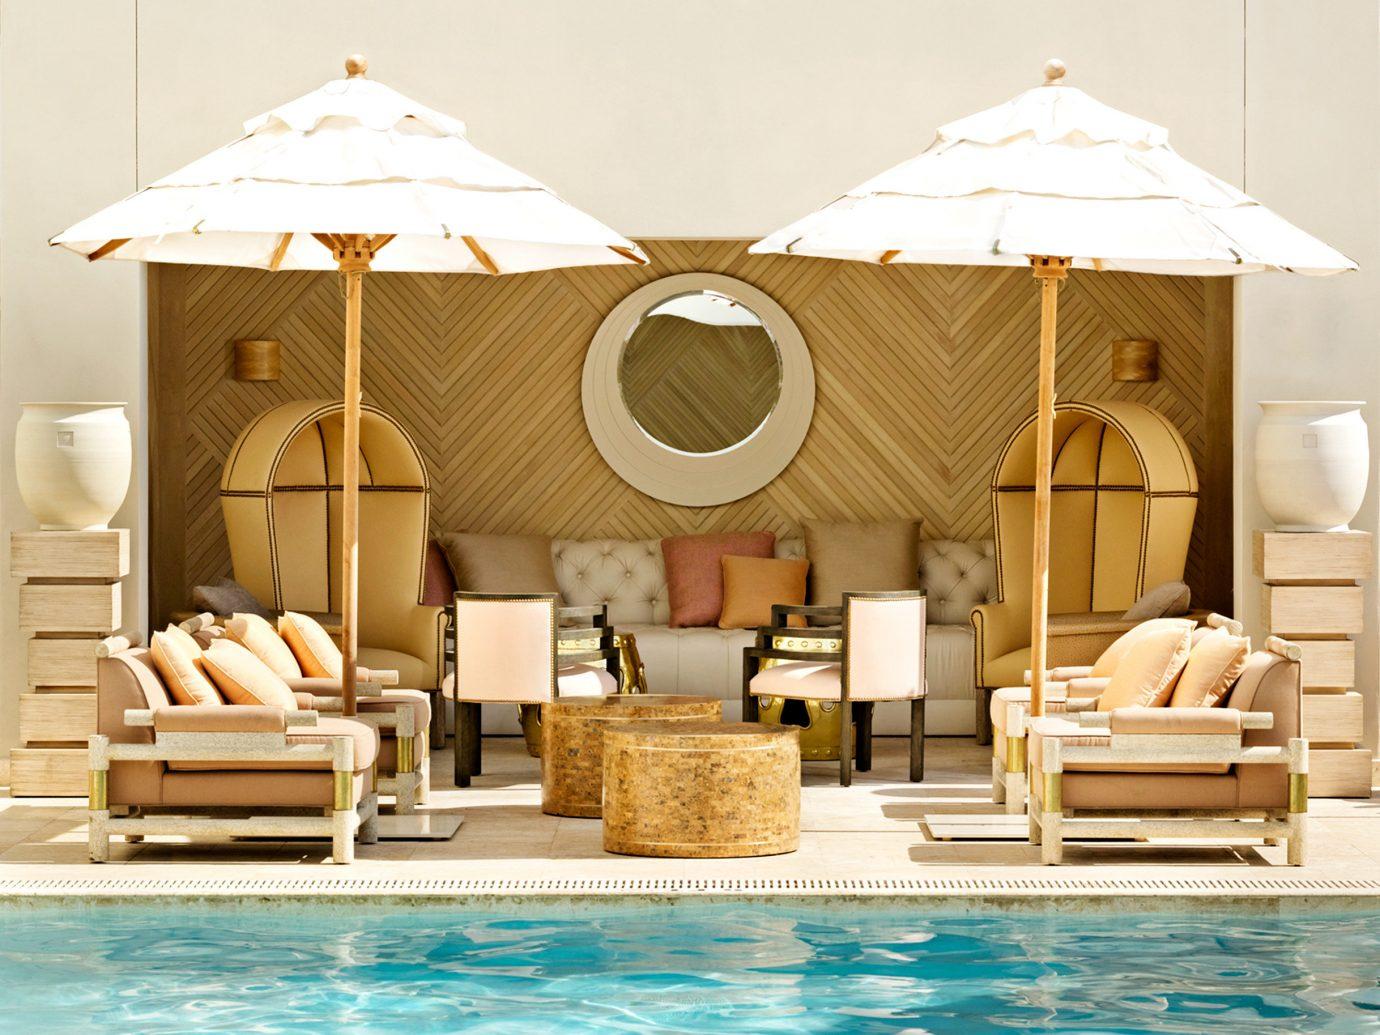 Design Lounge Play Pool Resort Trip Ideas Weekend Getaways indoor swimming pool leisure gazebo